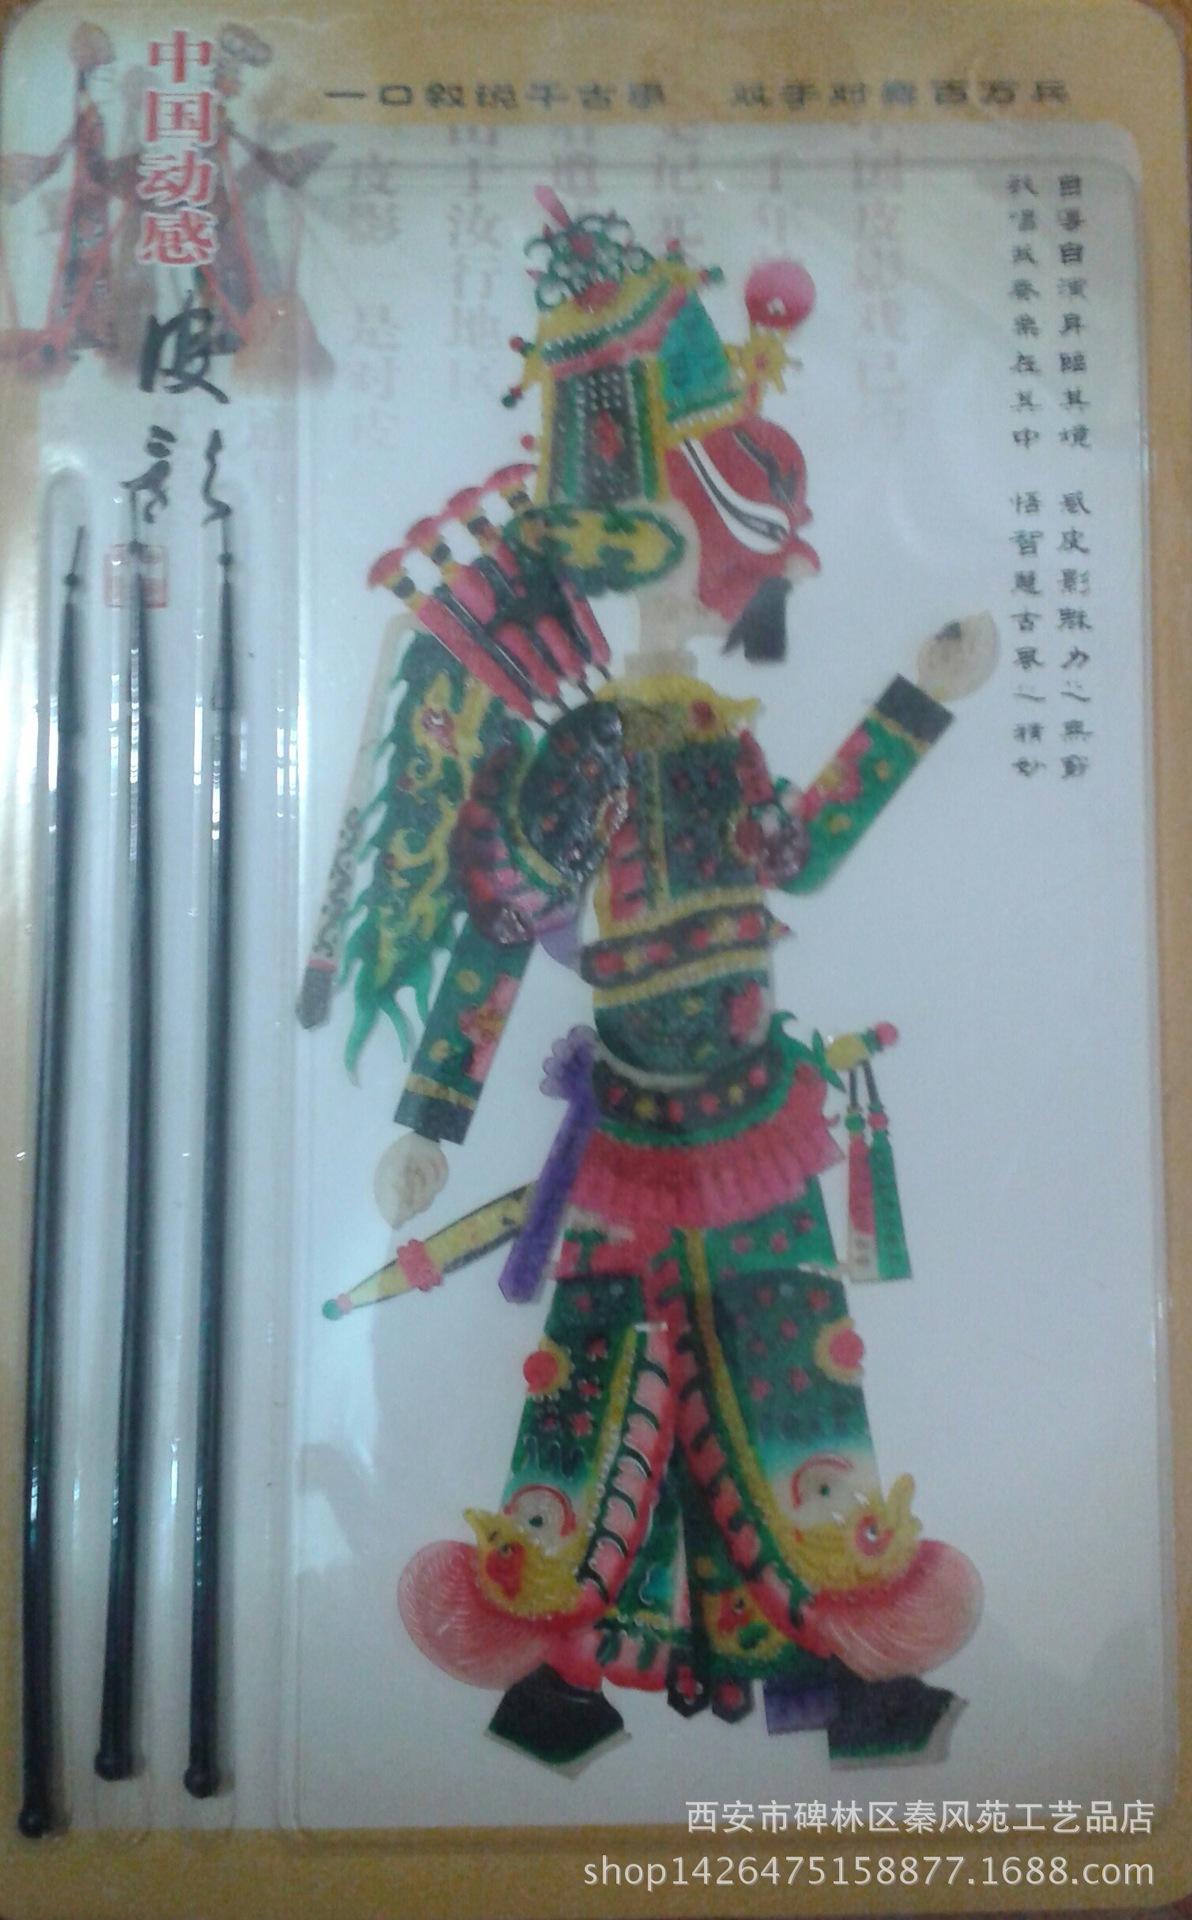 皮影陕西民间工艺 动感皮影 可以表演 教学用具